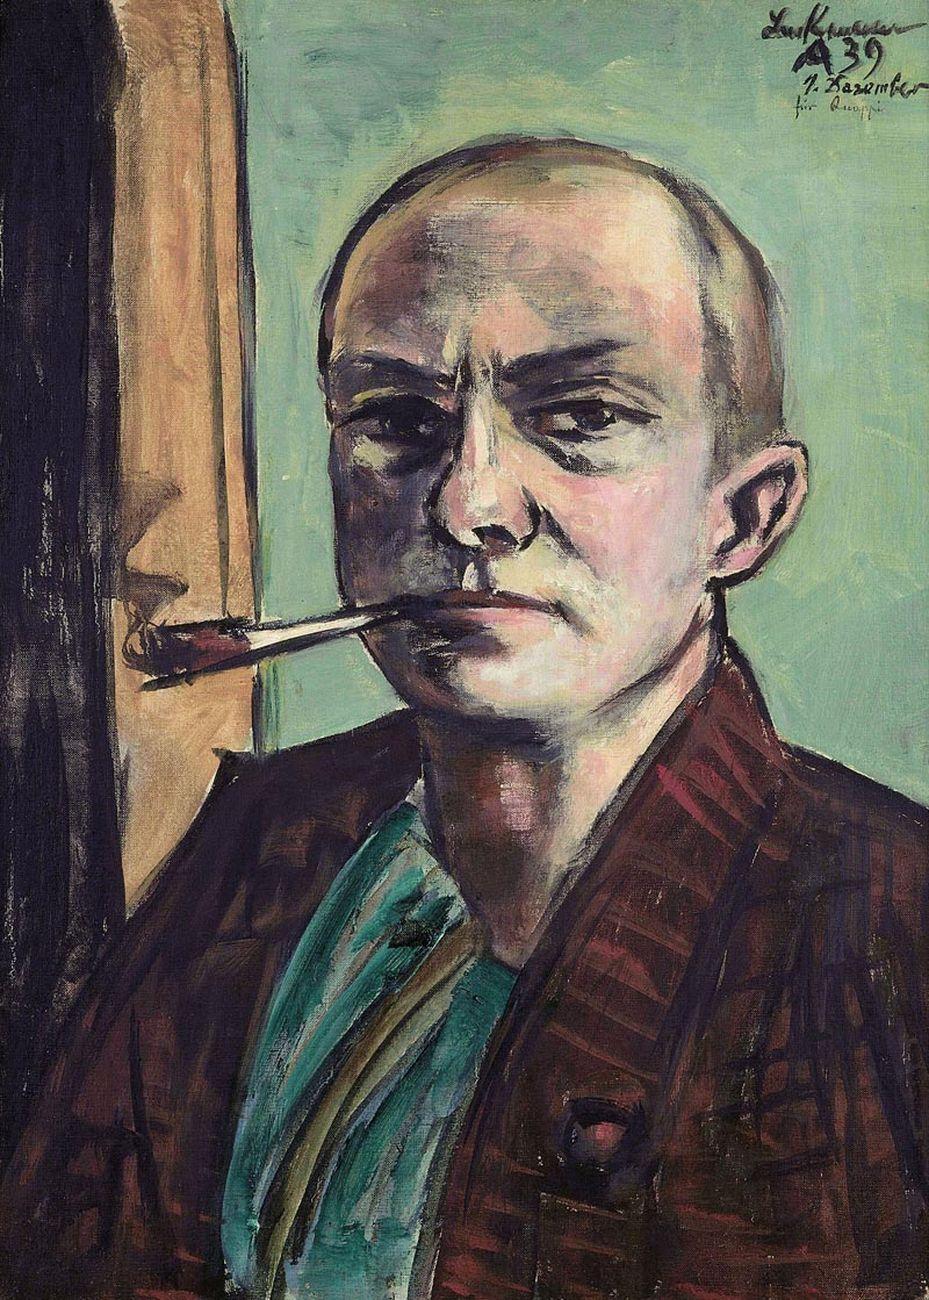 Max Beckmann, Autoritratto su sfondo verde con camicia verde, 1938-39. Museum der bildenden Künste Leipzig © 2018, ProLitteris, Zurich